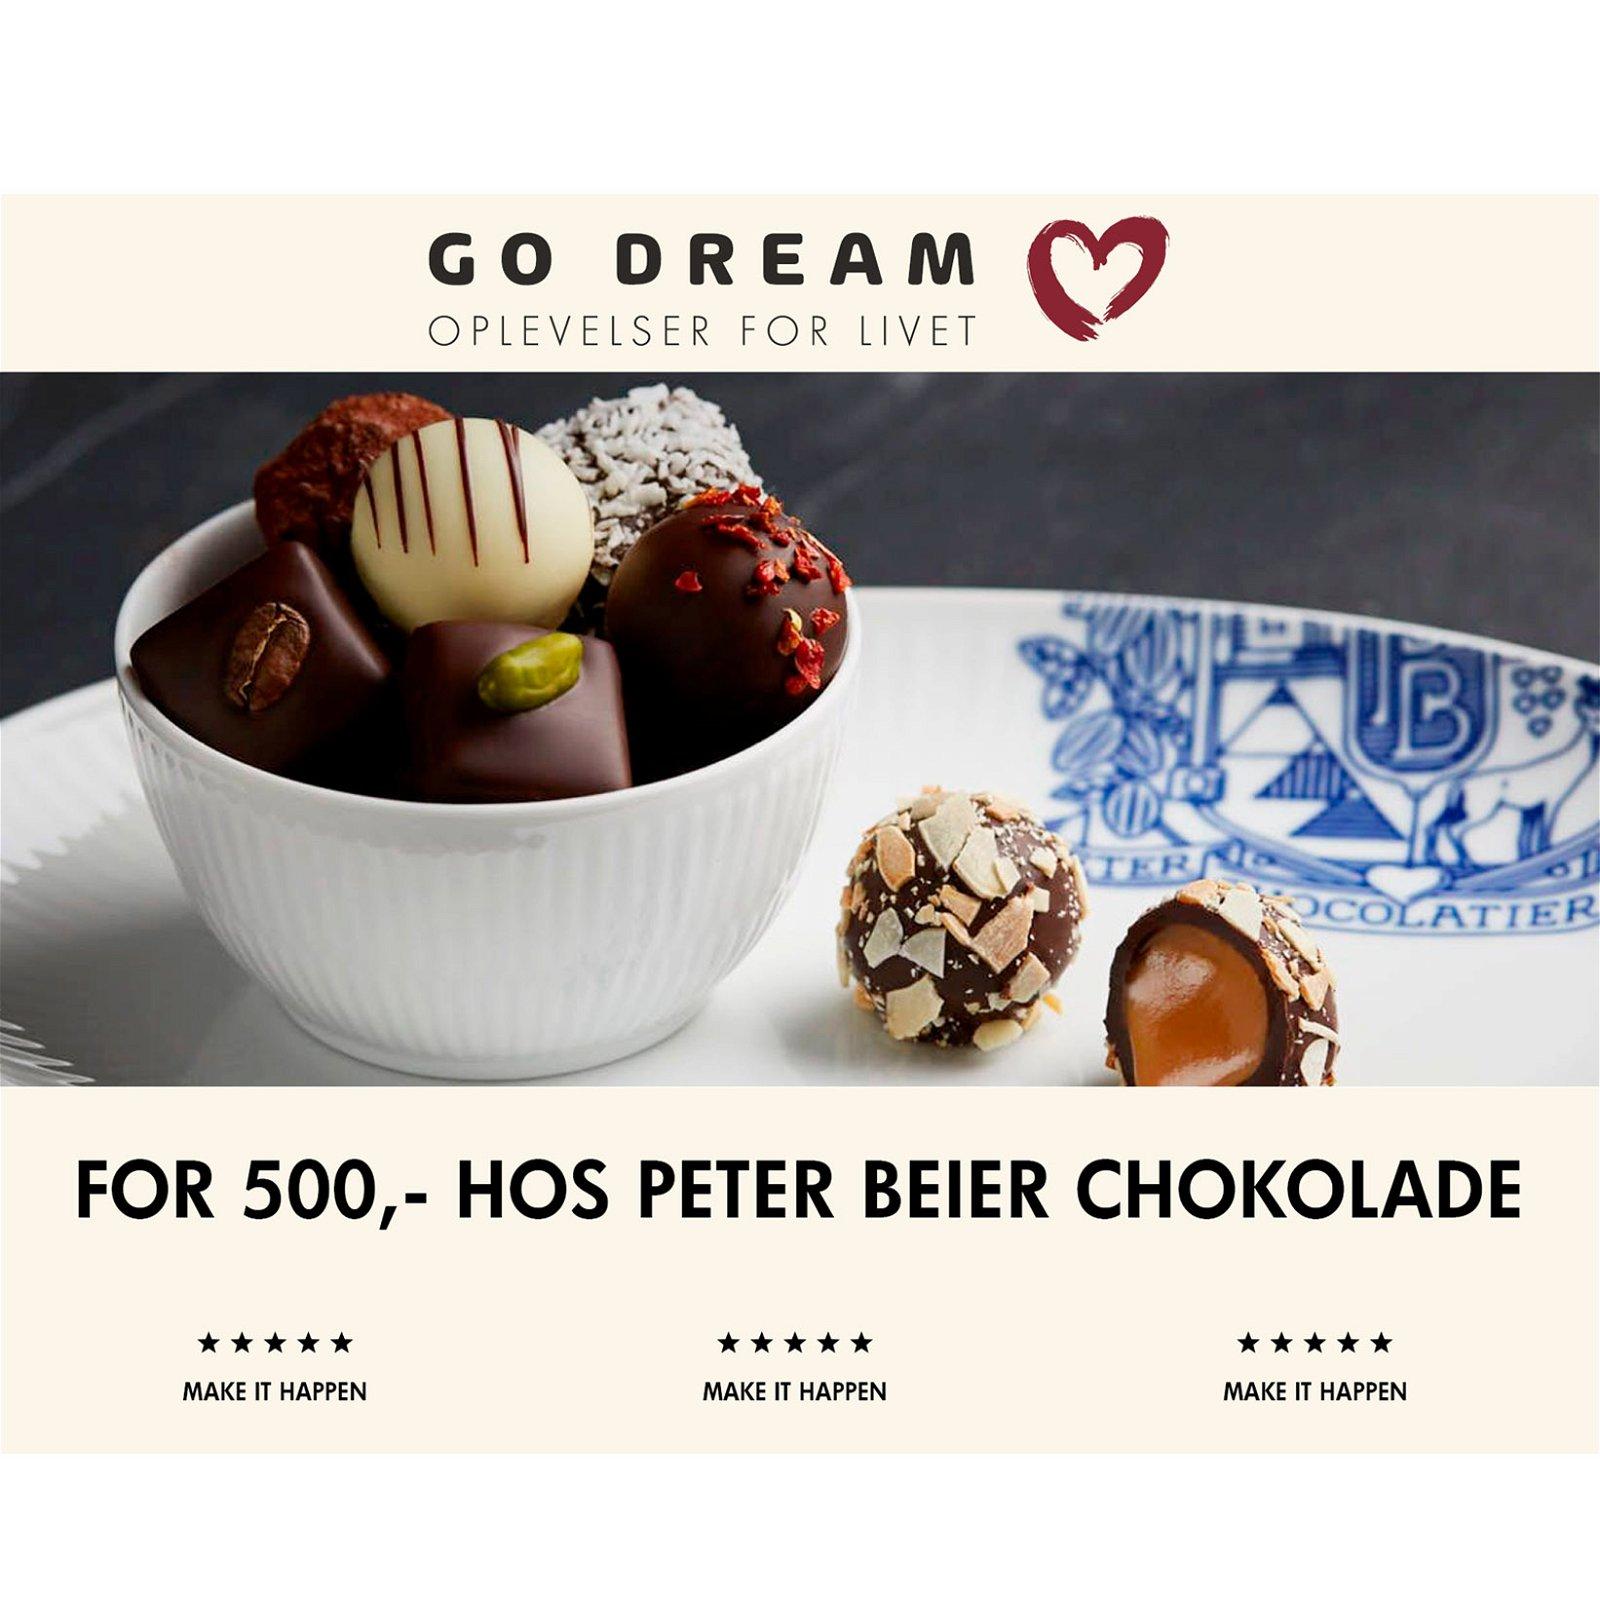 Go Dream Peter Beier Chokolade værdi kr. 500,-